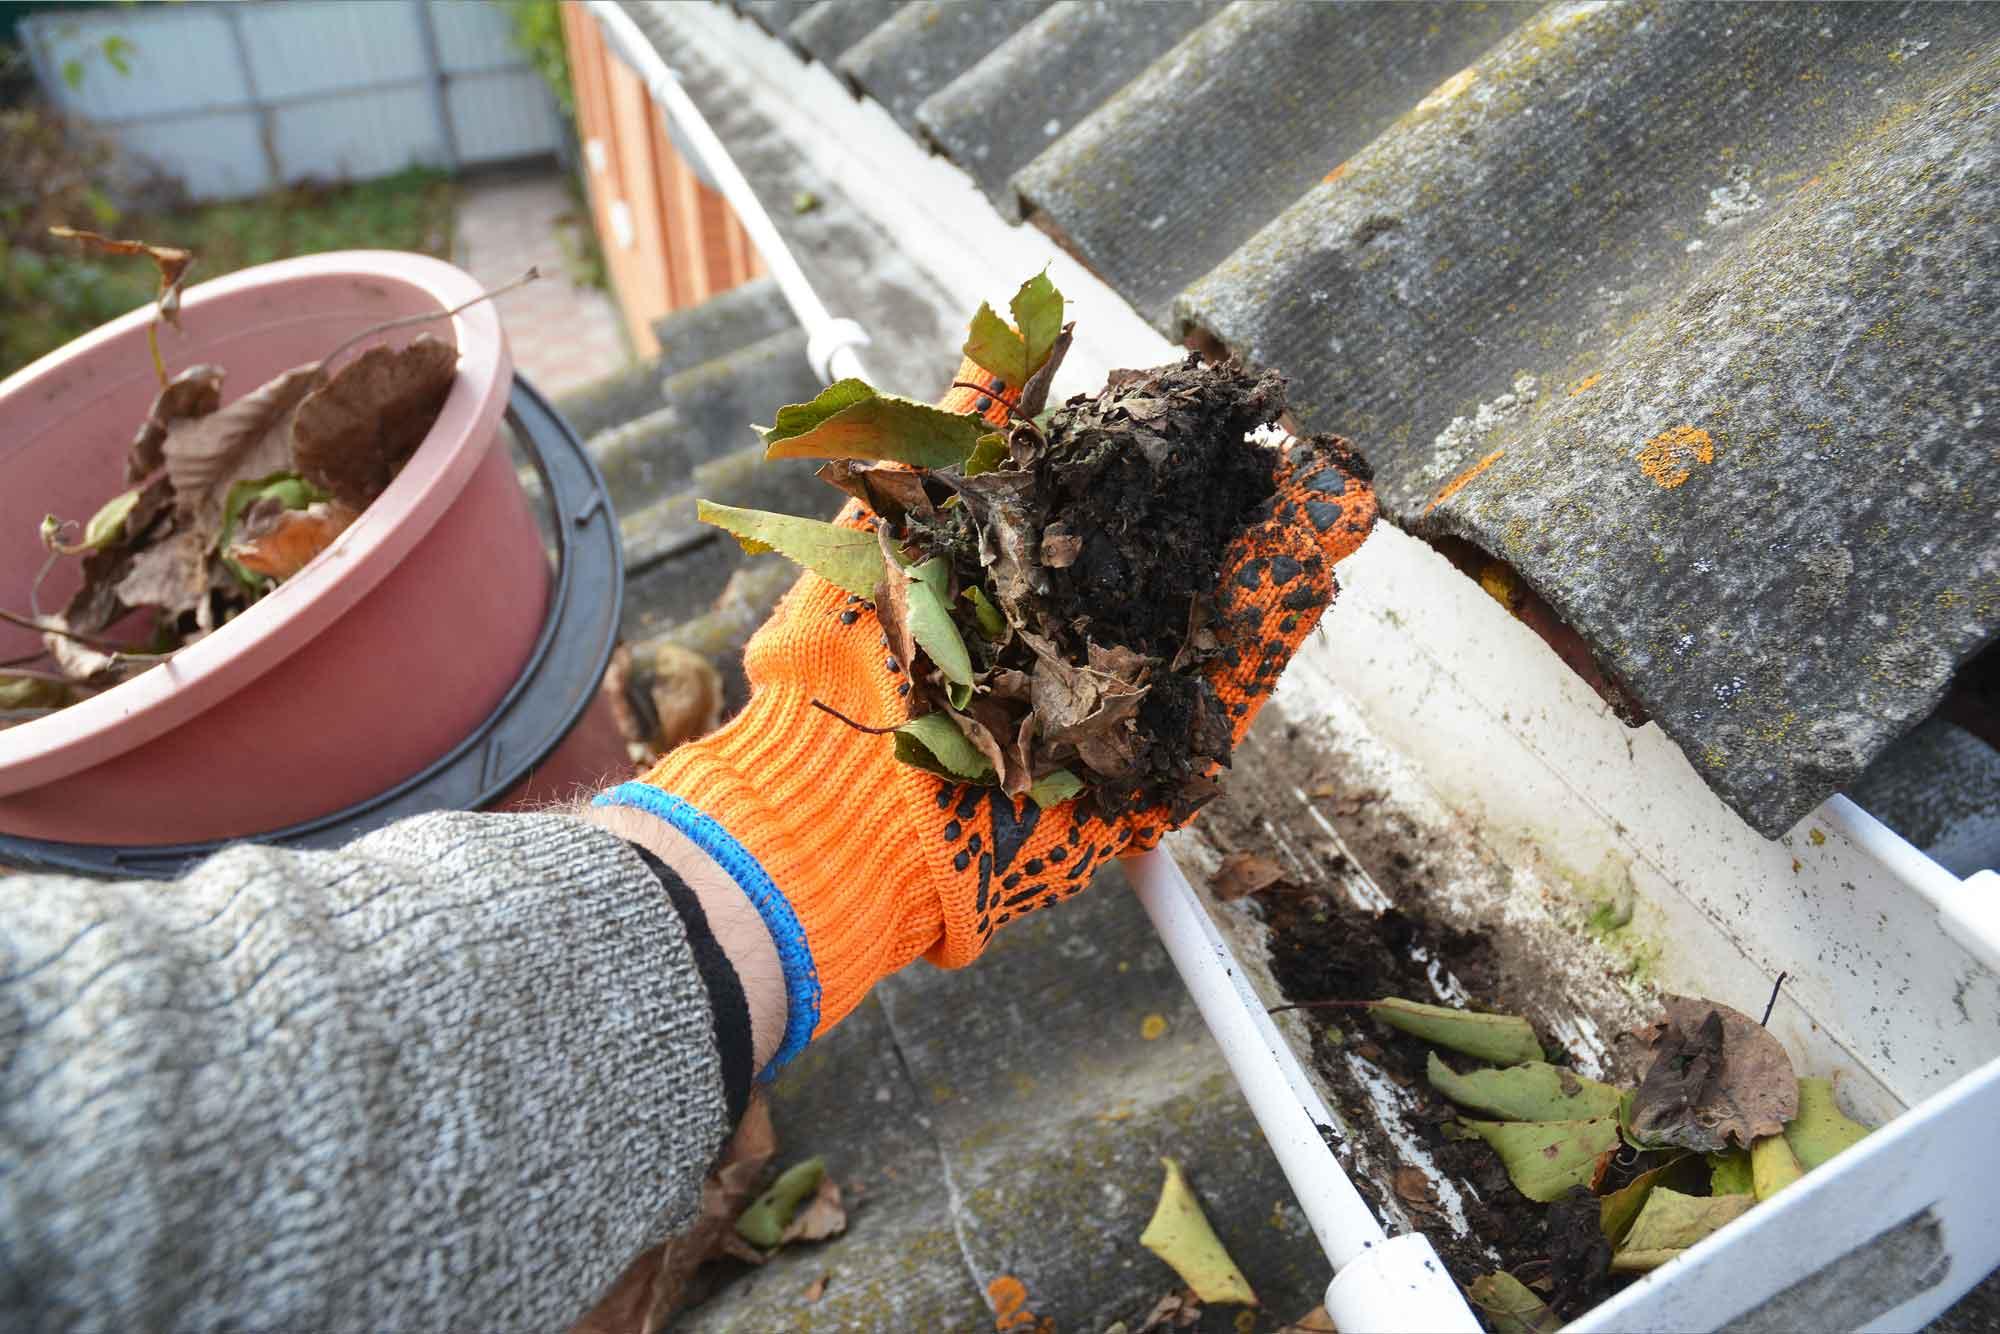 gutter-downspout-home-maintenance